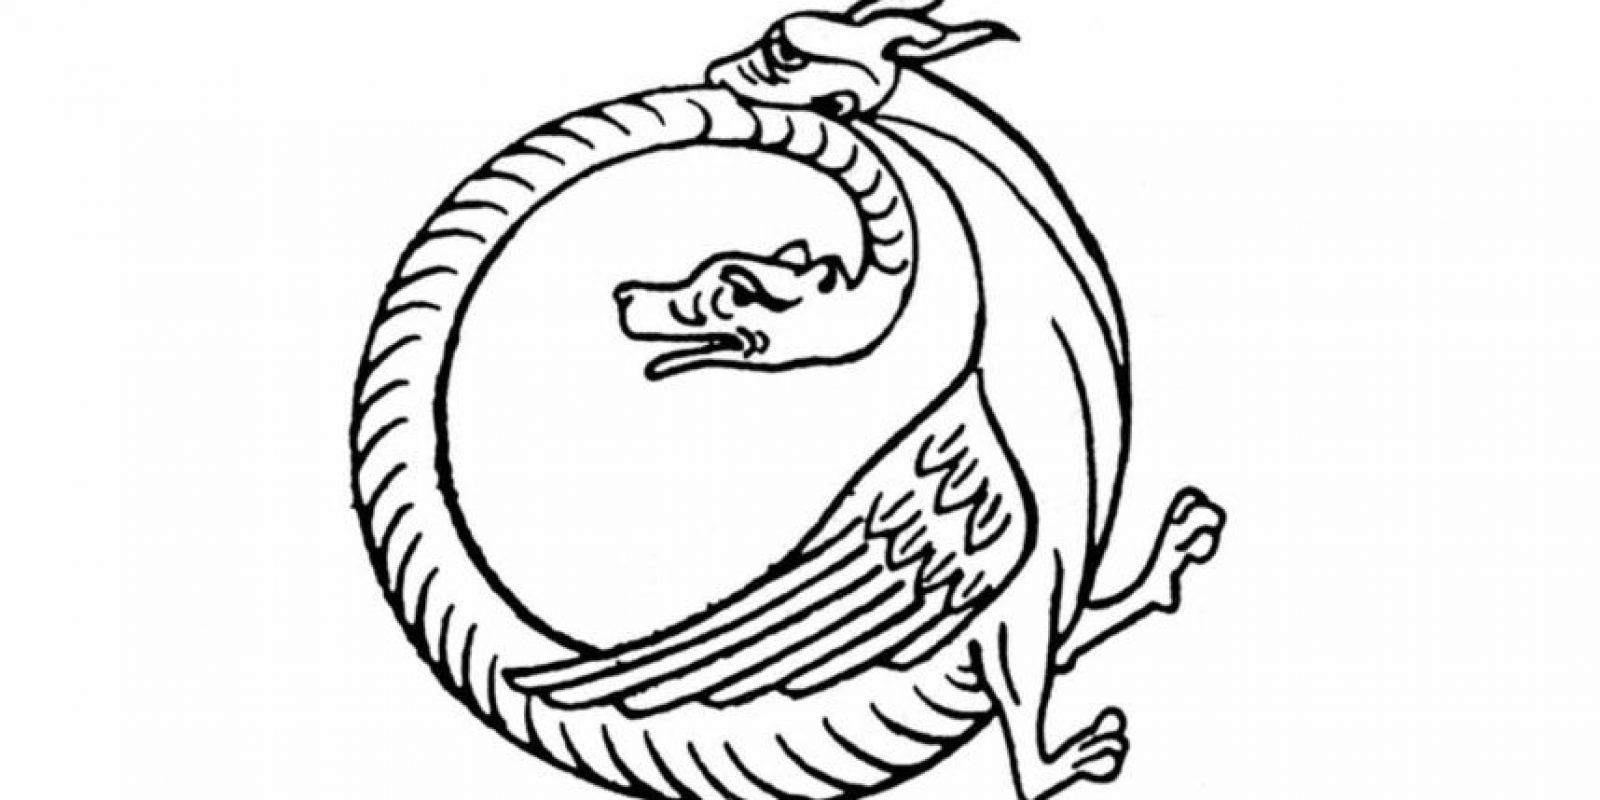 Esta figura simboliza el ciclo eterno de las cosas. Foto:Wikimedia